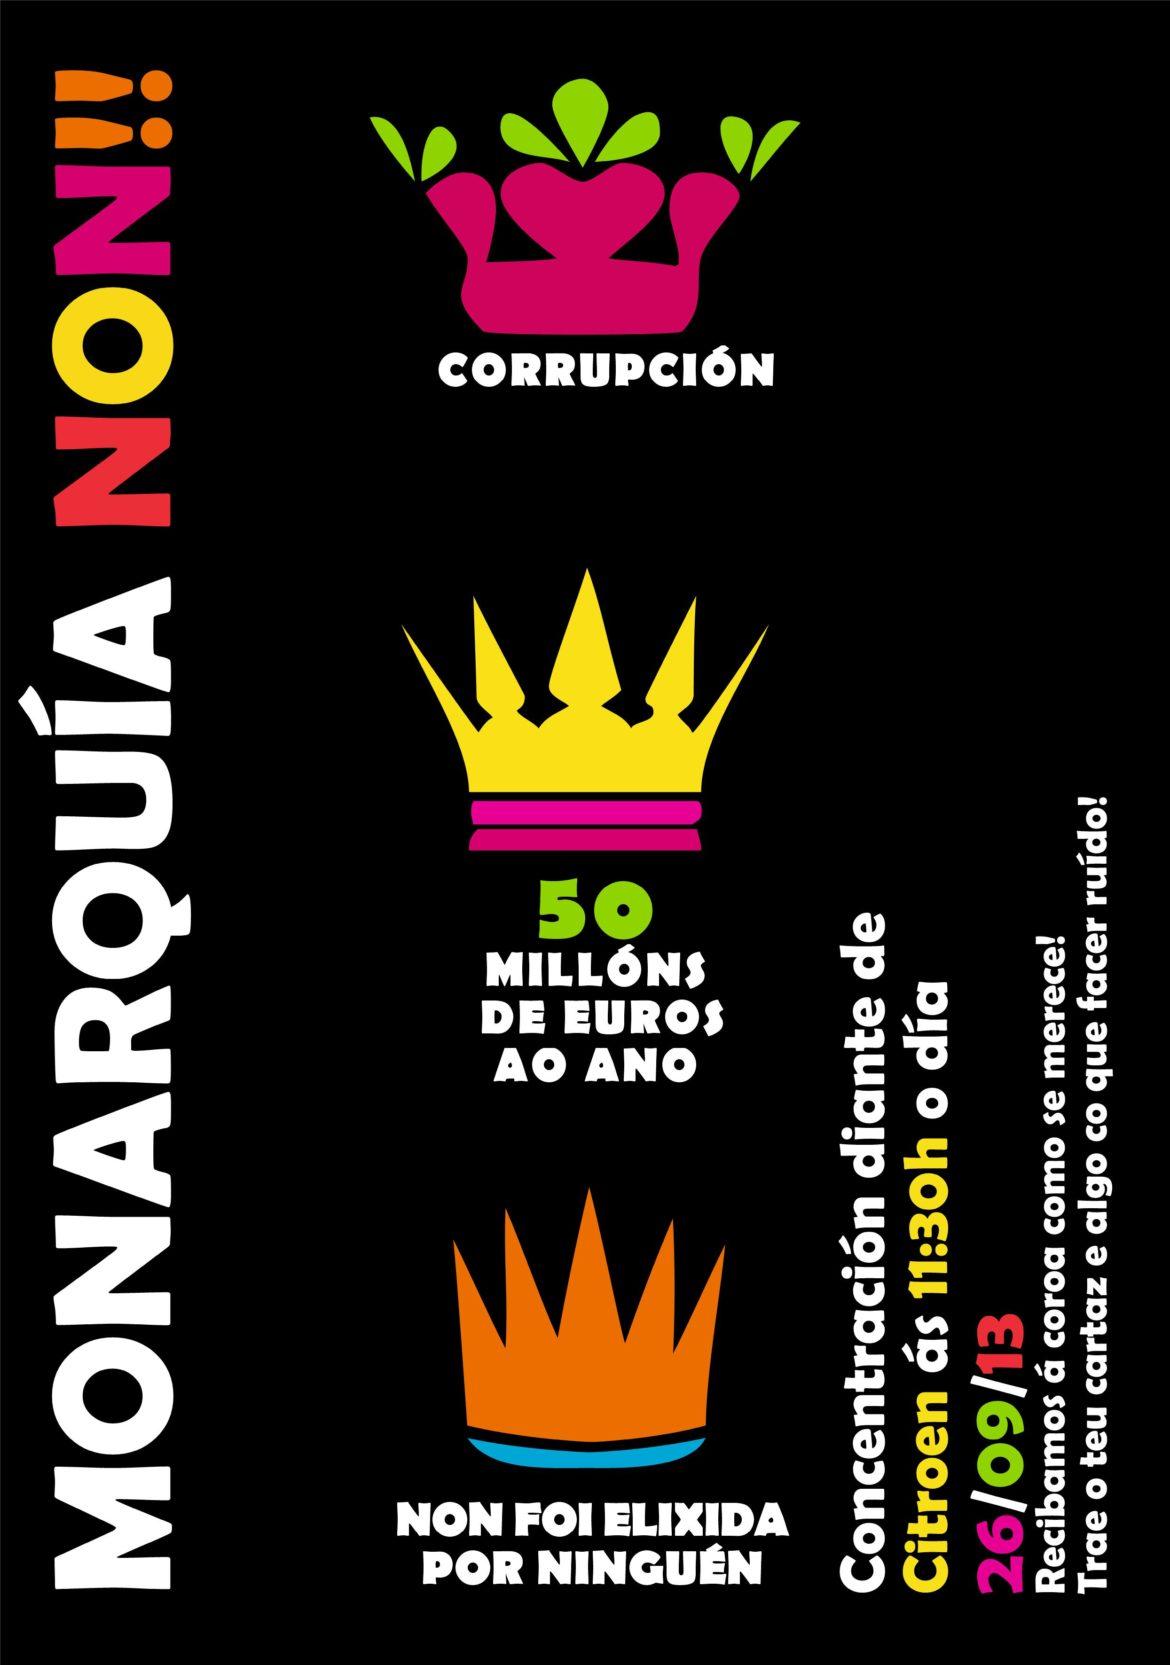 Concentración Monarquía Non!!!